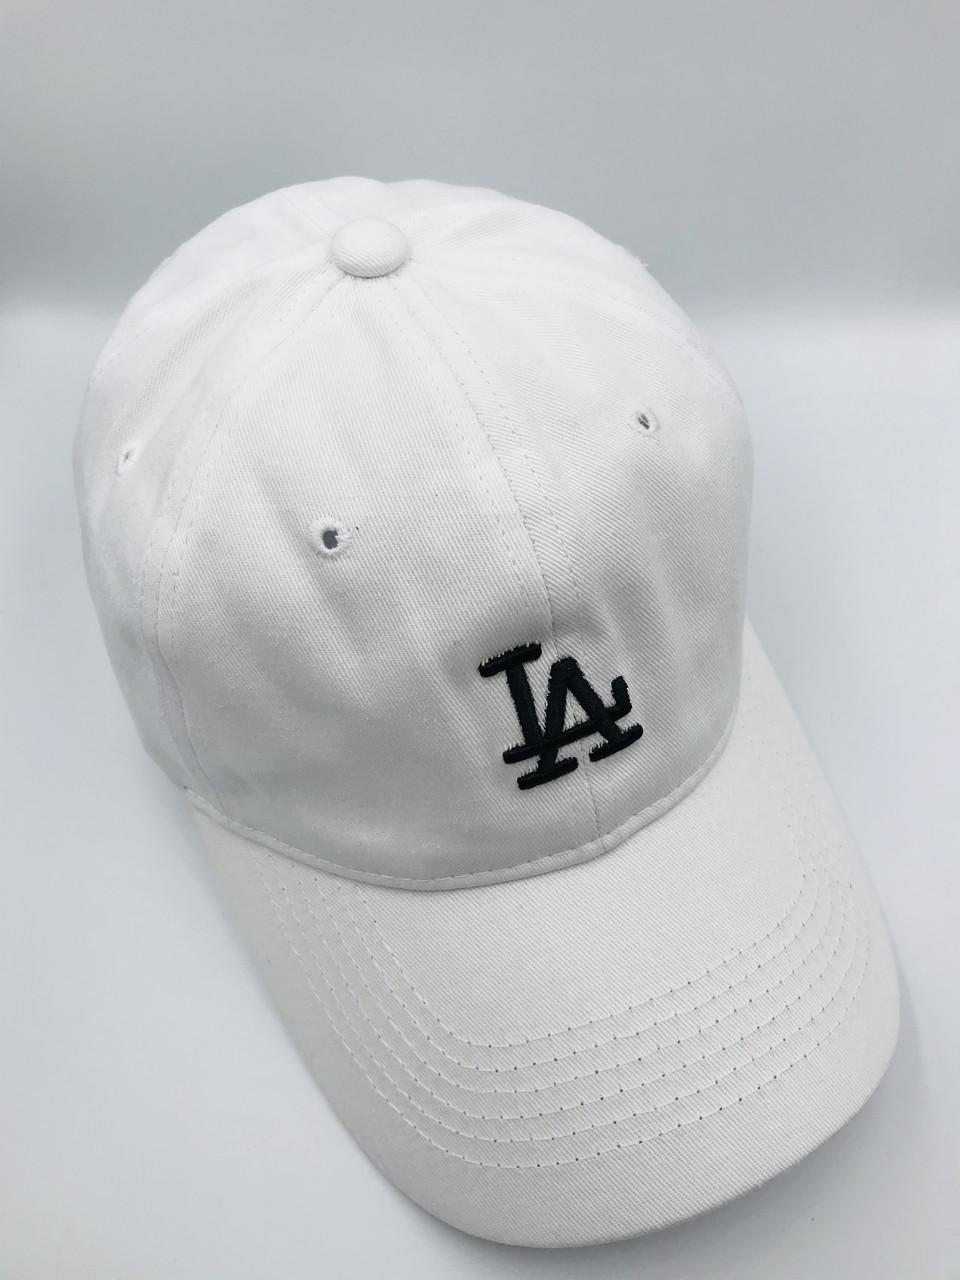 Жіноча бейсболка Los Angeles Біла з чорним логотипом, Тренд літо!